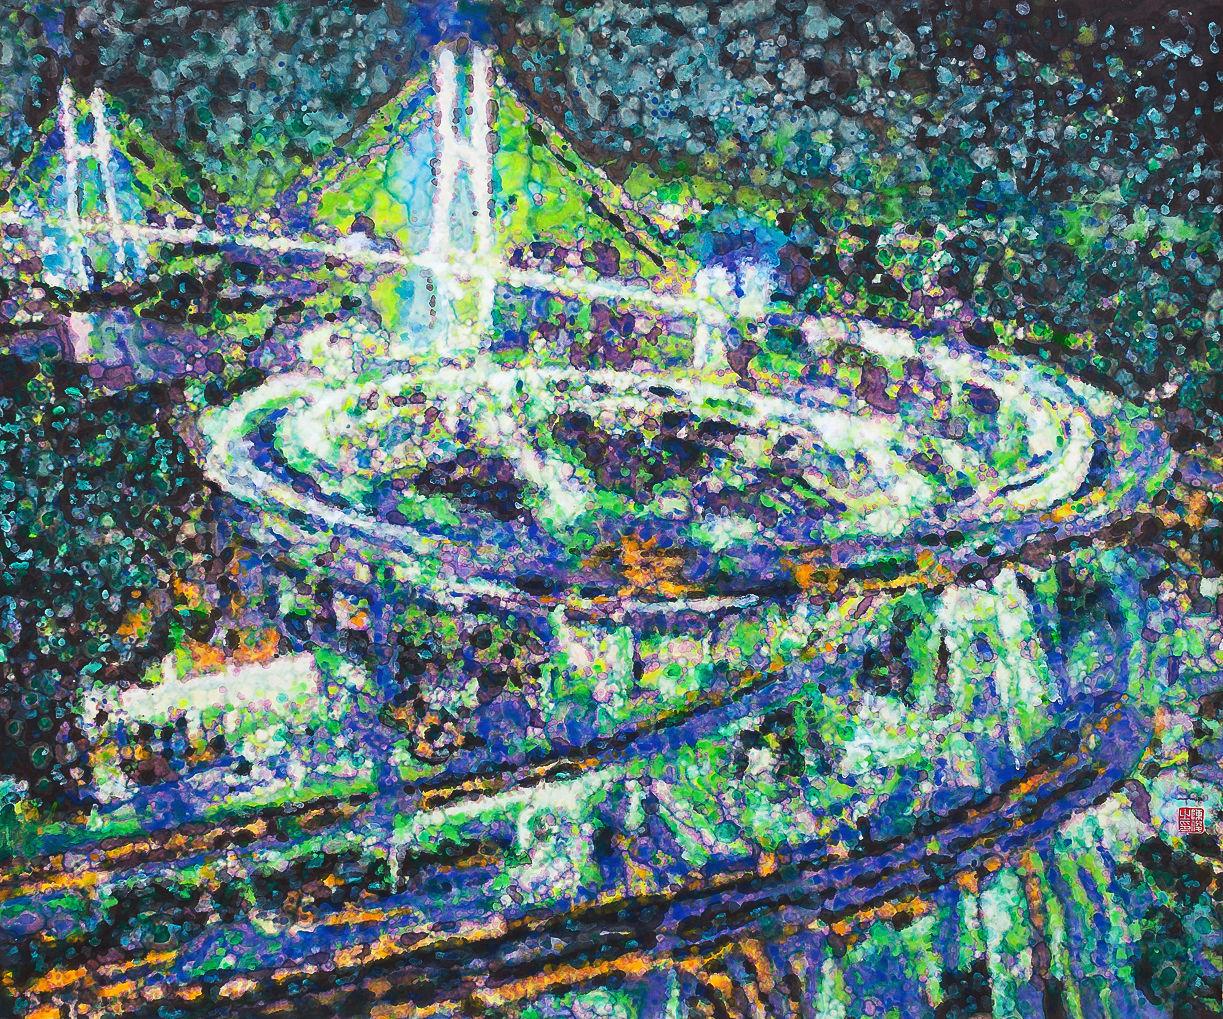 《倾城夜语NO7》100×120cm 宣纸 水墨 丙烯 2011年